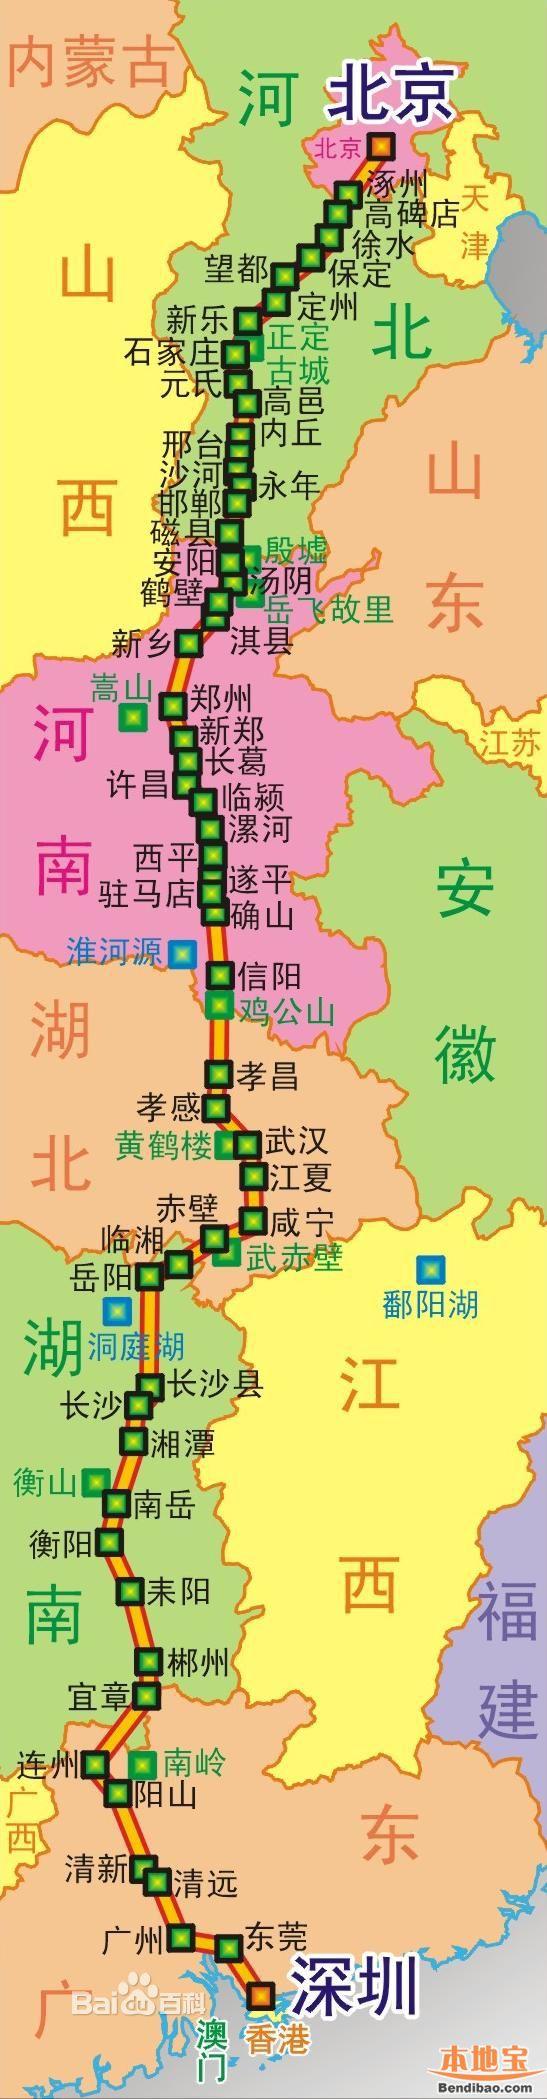 107国道全程线路图 最新